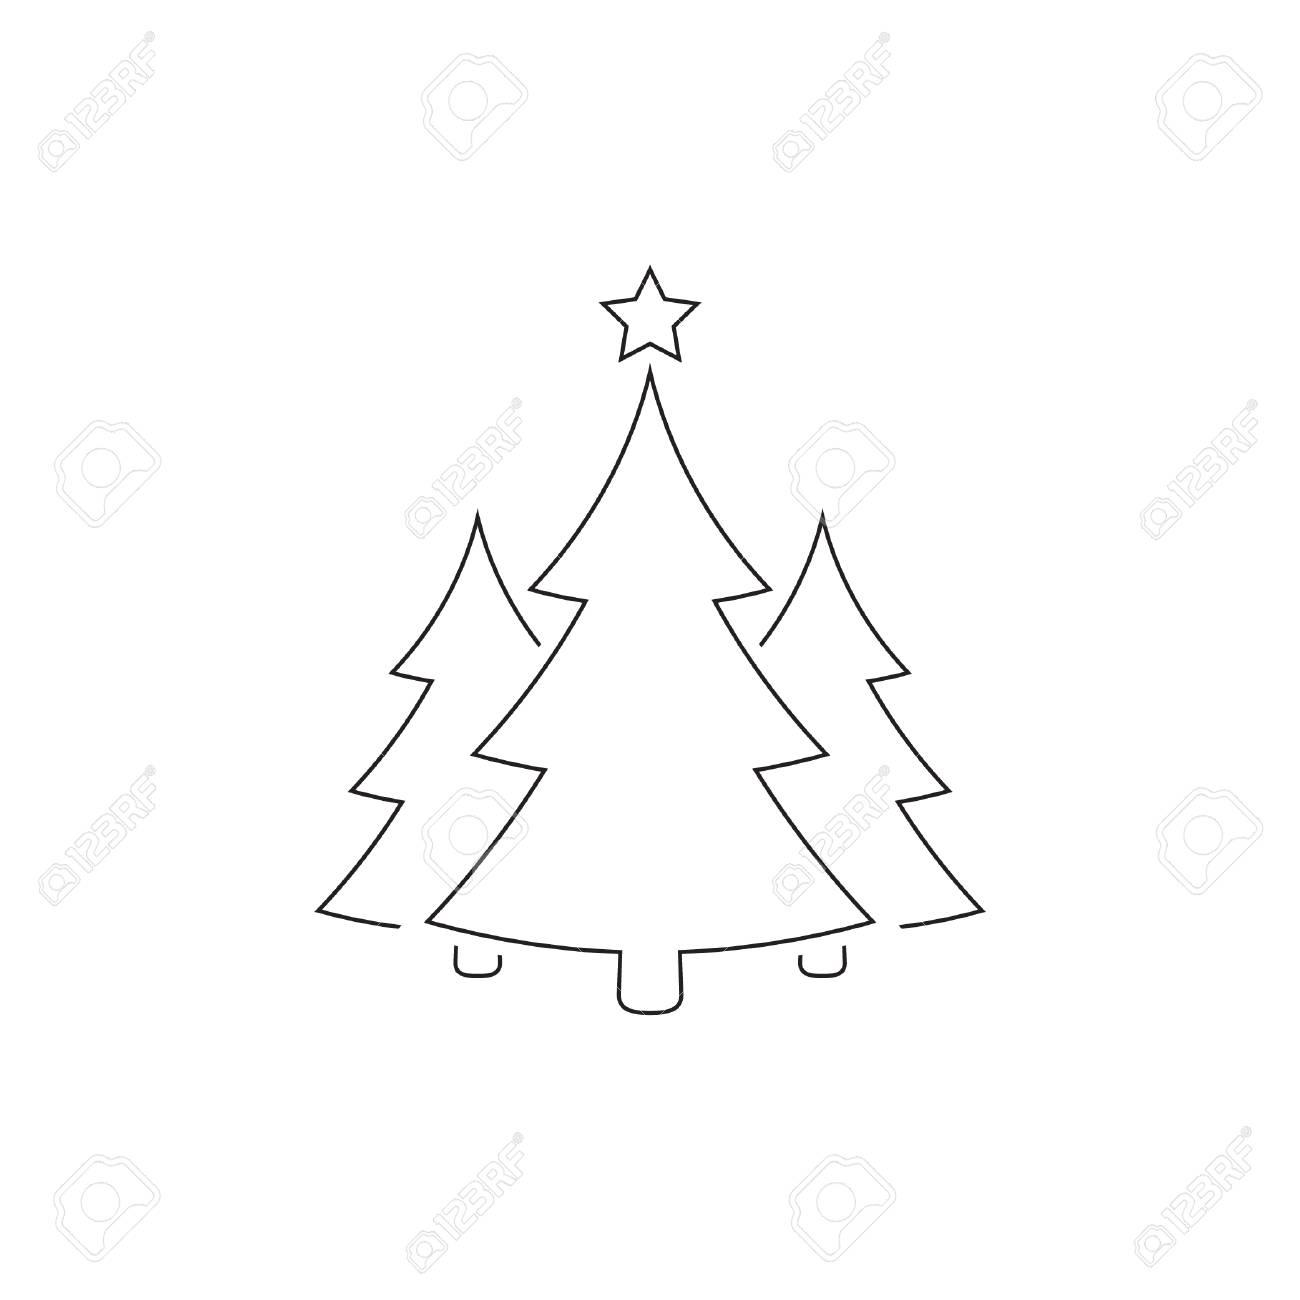 Arbres de Noël décrivent l\u0027icône, dessin simple de vecteur. Symbole noir de  sapin, isolé sur fond blanc.